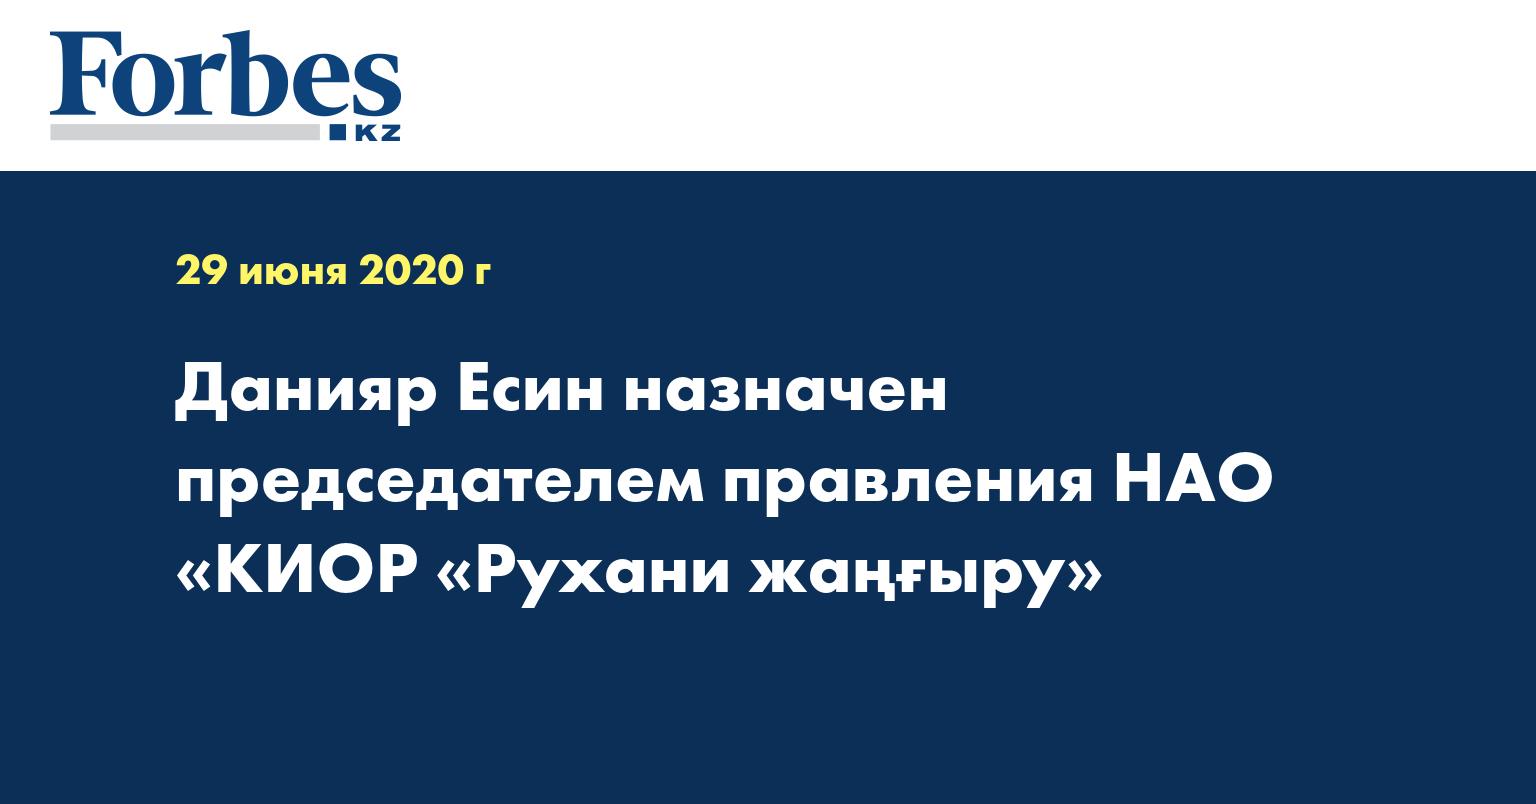 Данияр Есин назначен председателем правления НАО «КИОР «Рухани жаңғыру»